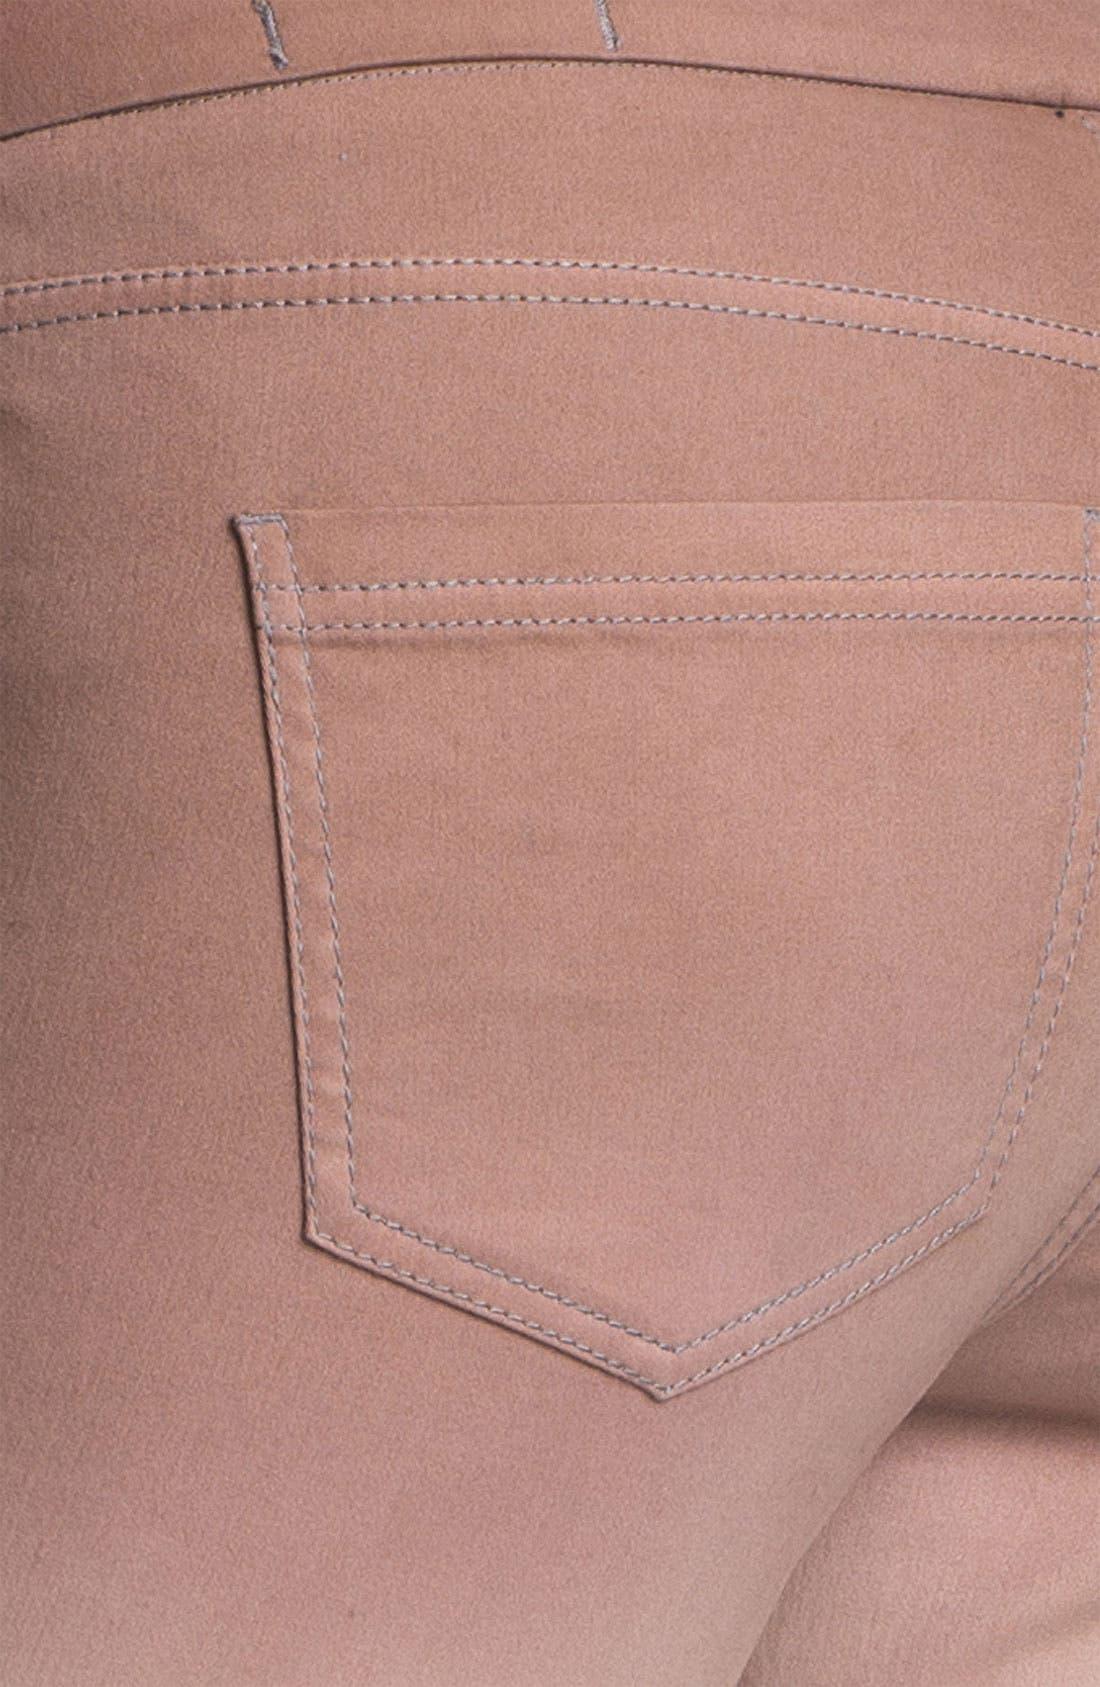 Alternate Image 4  - Jag Jeans 'Amelia' Pull-On Slim Ankle Jeans